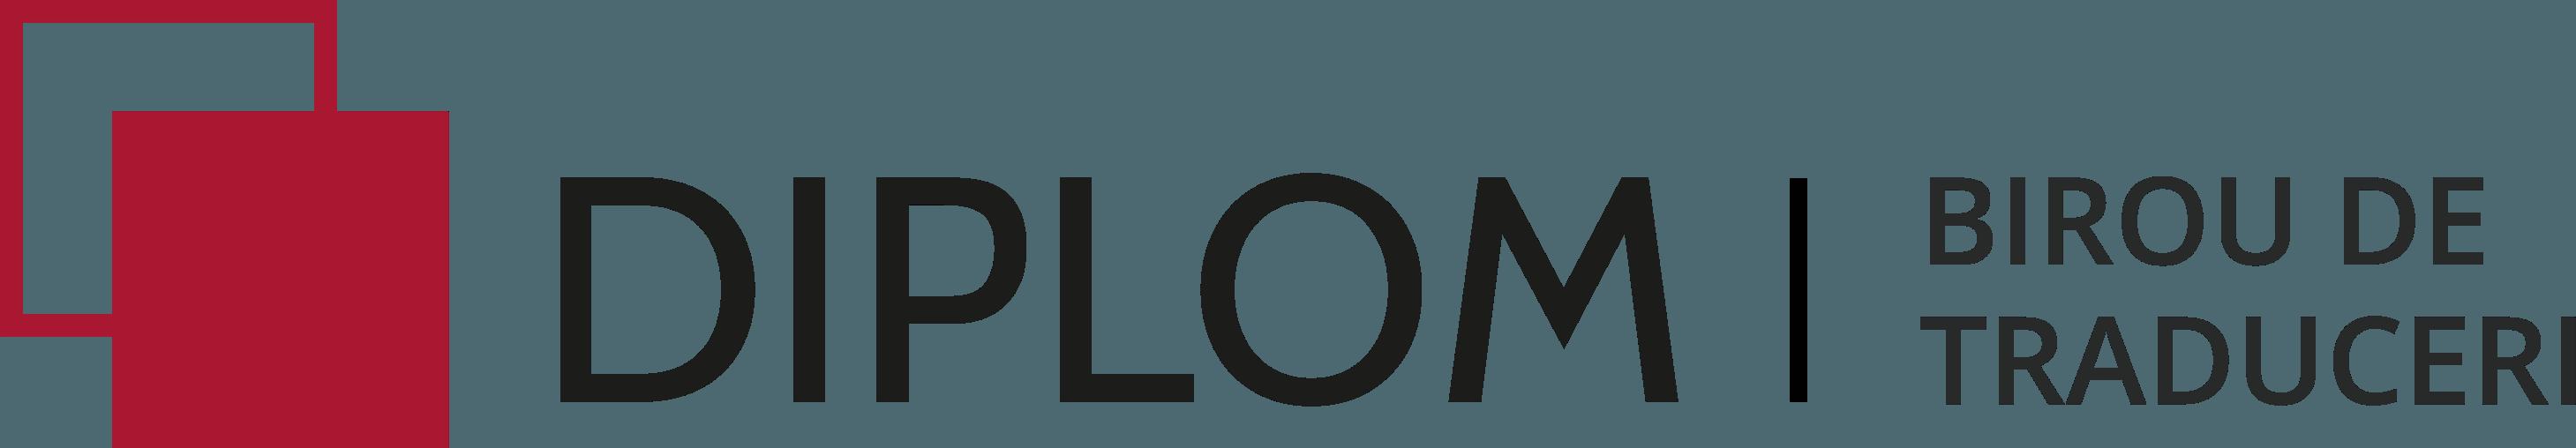 Logo Diplom ro